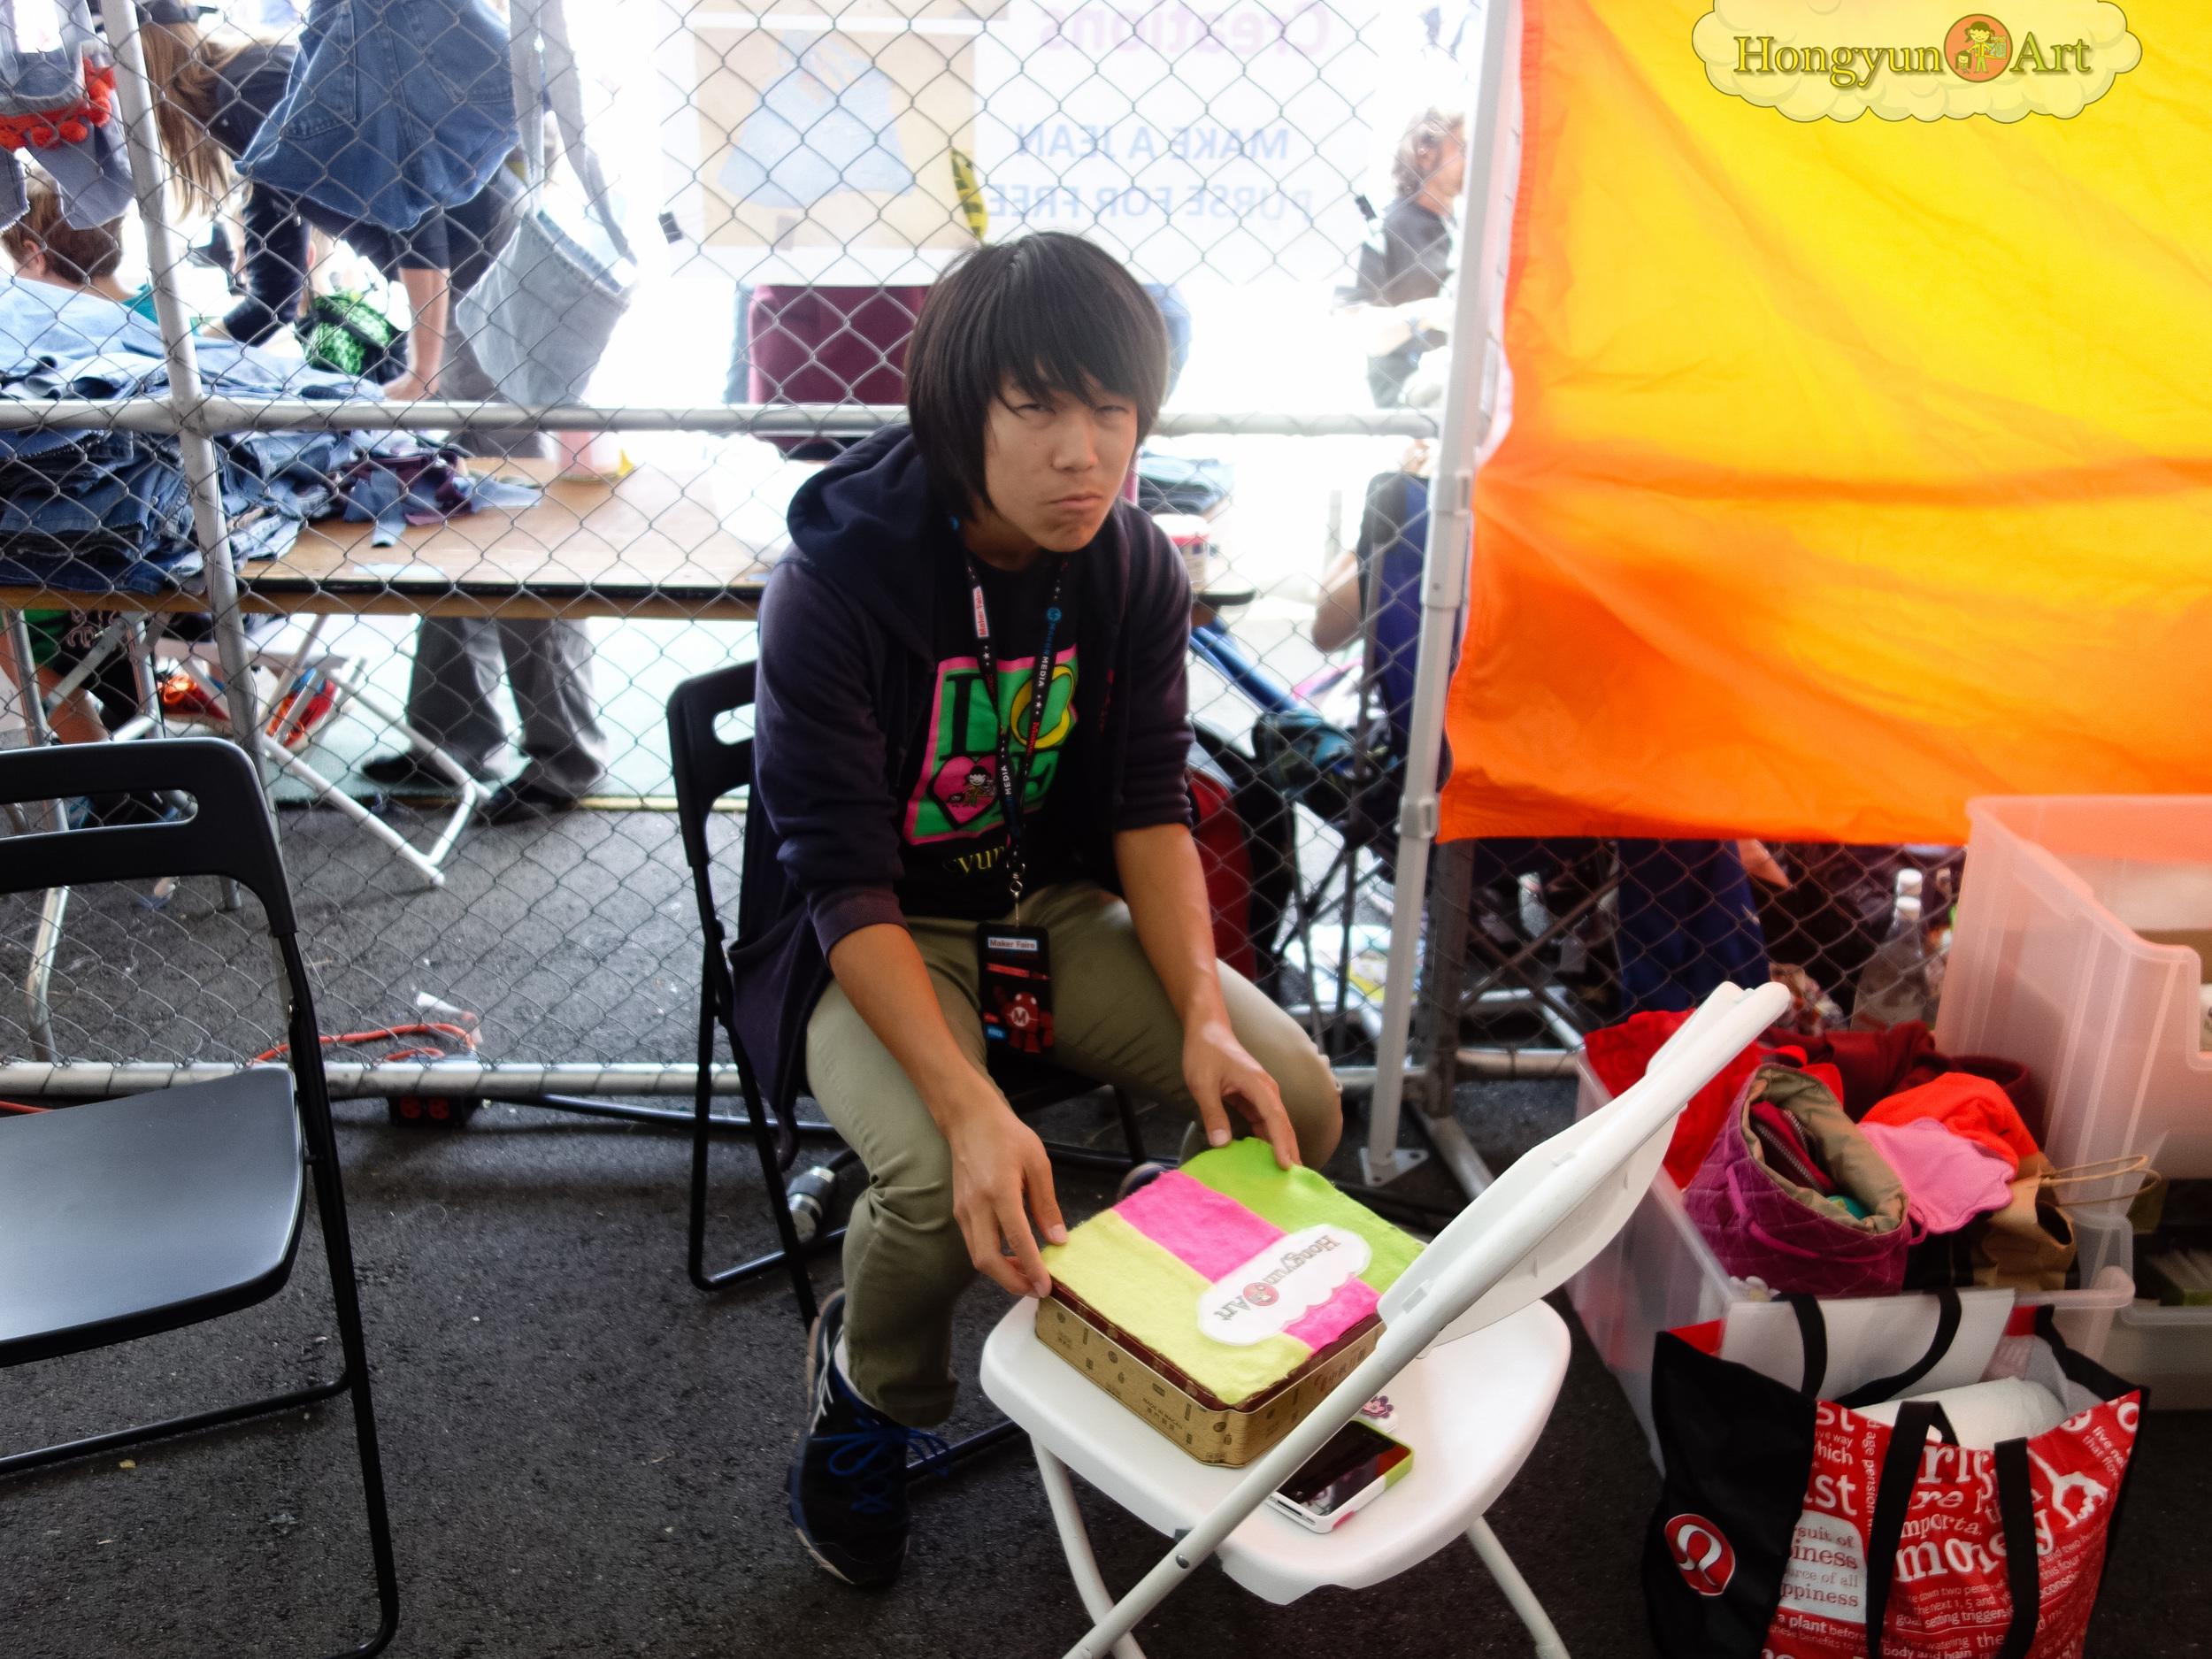 2014-05-Hongyun-Art-MakerFaire-059.jpg